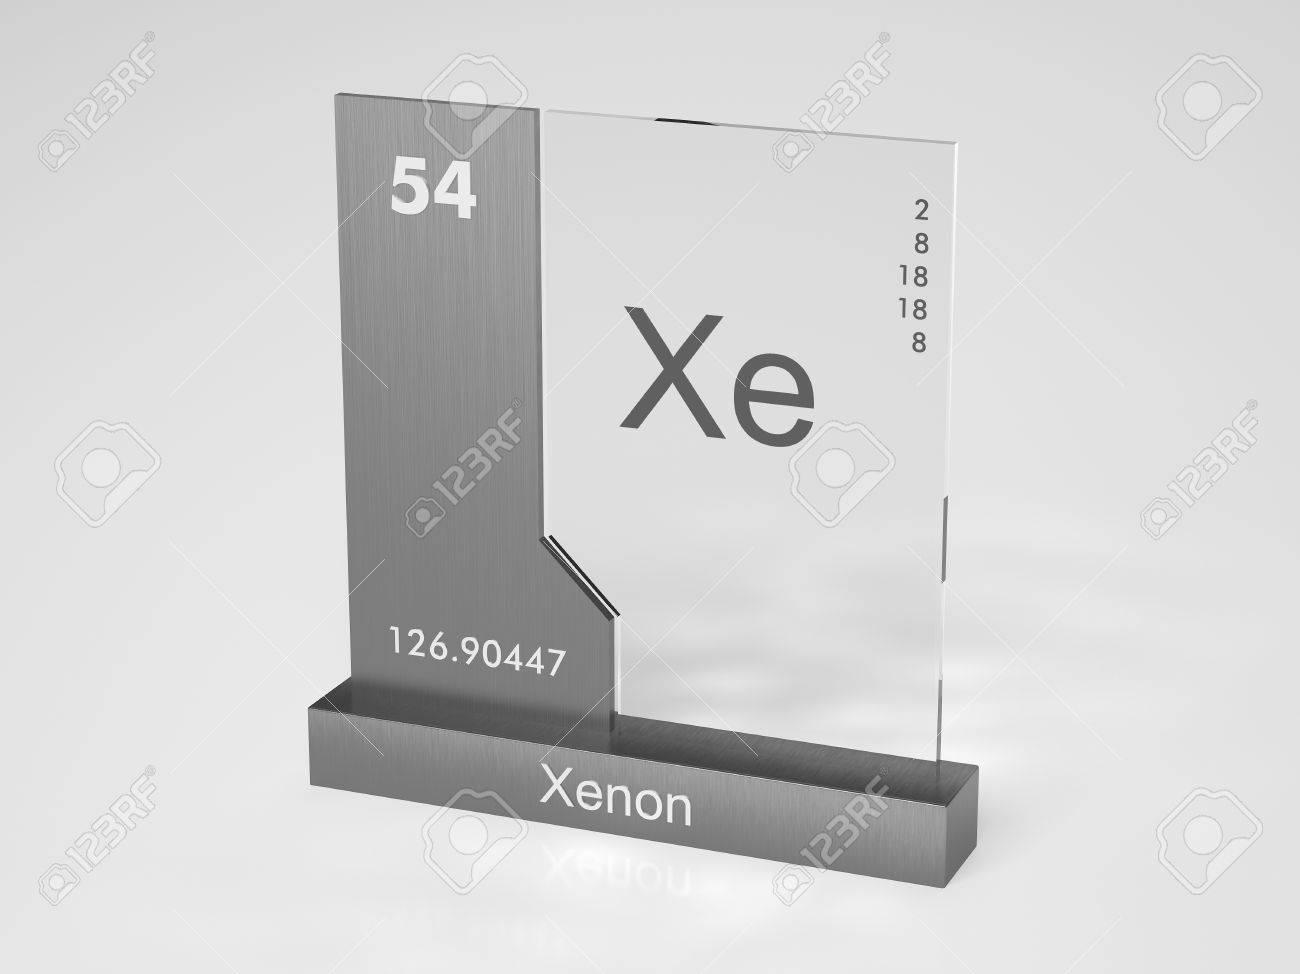 Xenon smbolo xe elemento qumico de la tabla peridica fotos foto de archivo xenon smbolo xe elemento qumico de la tabla peridica urtaz Images